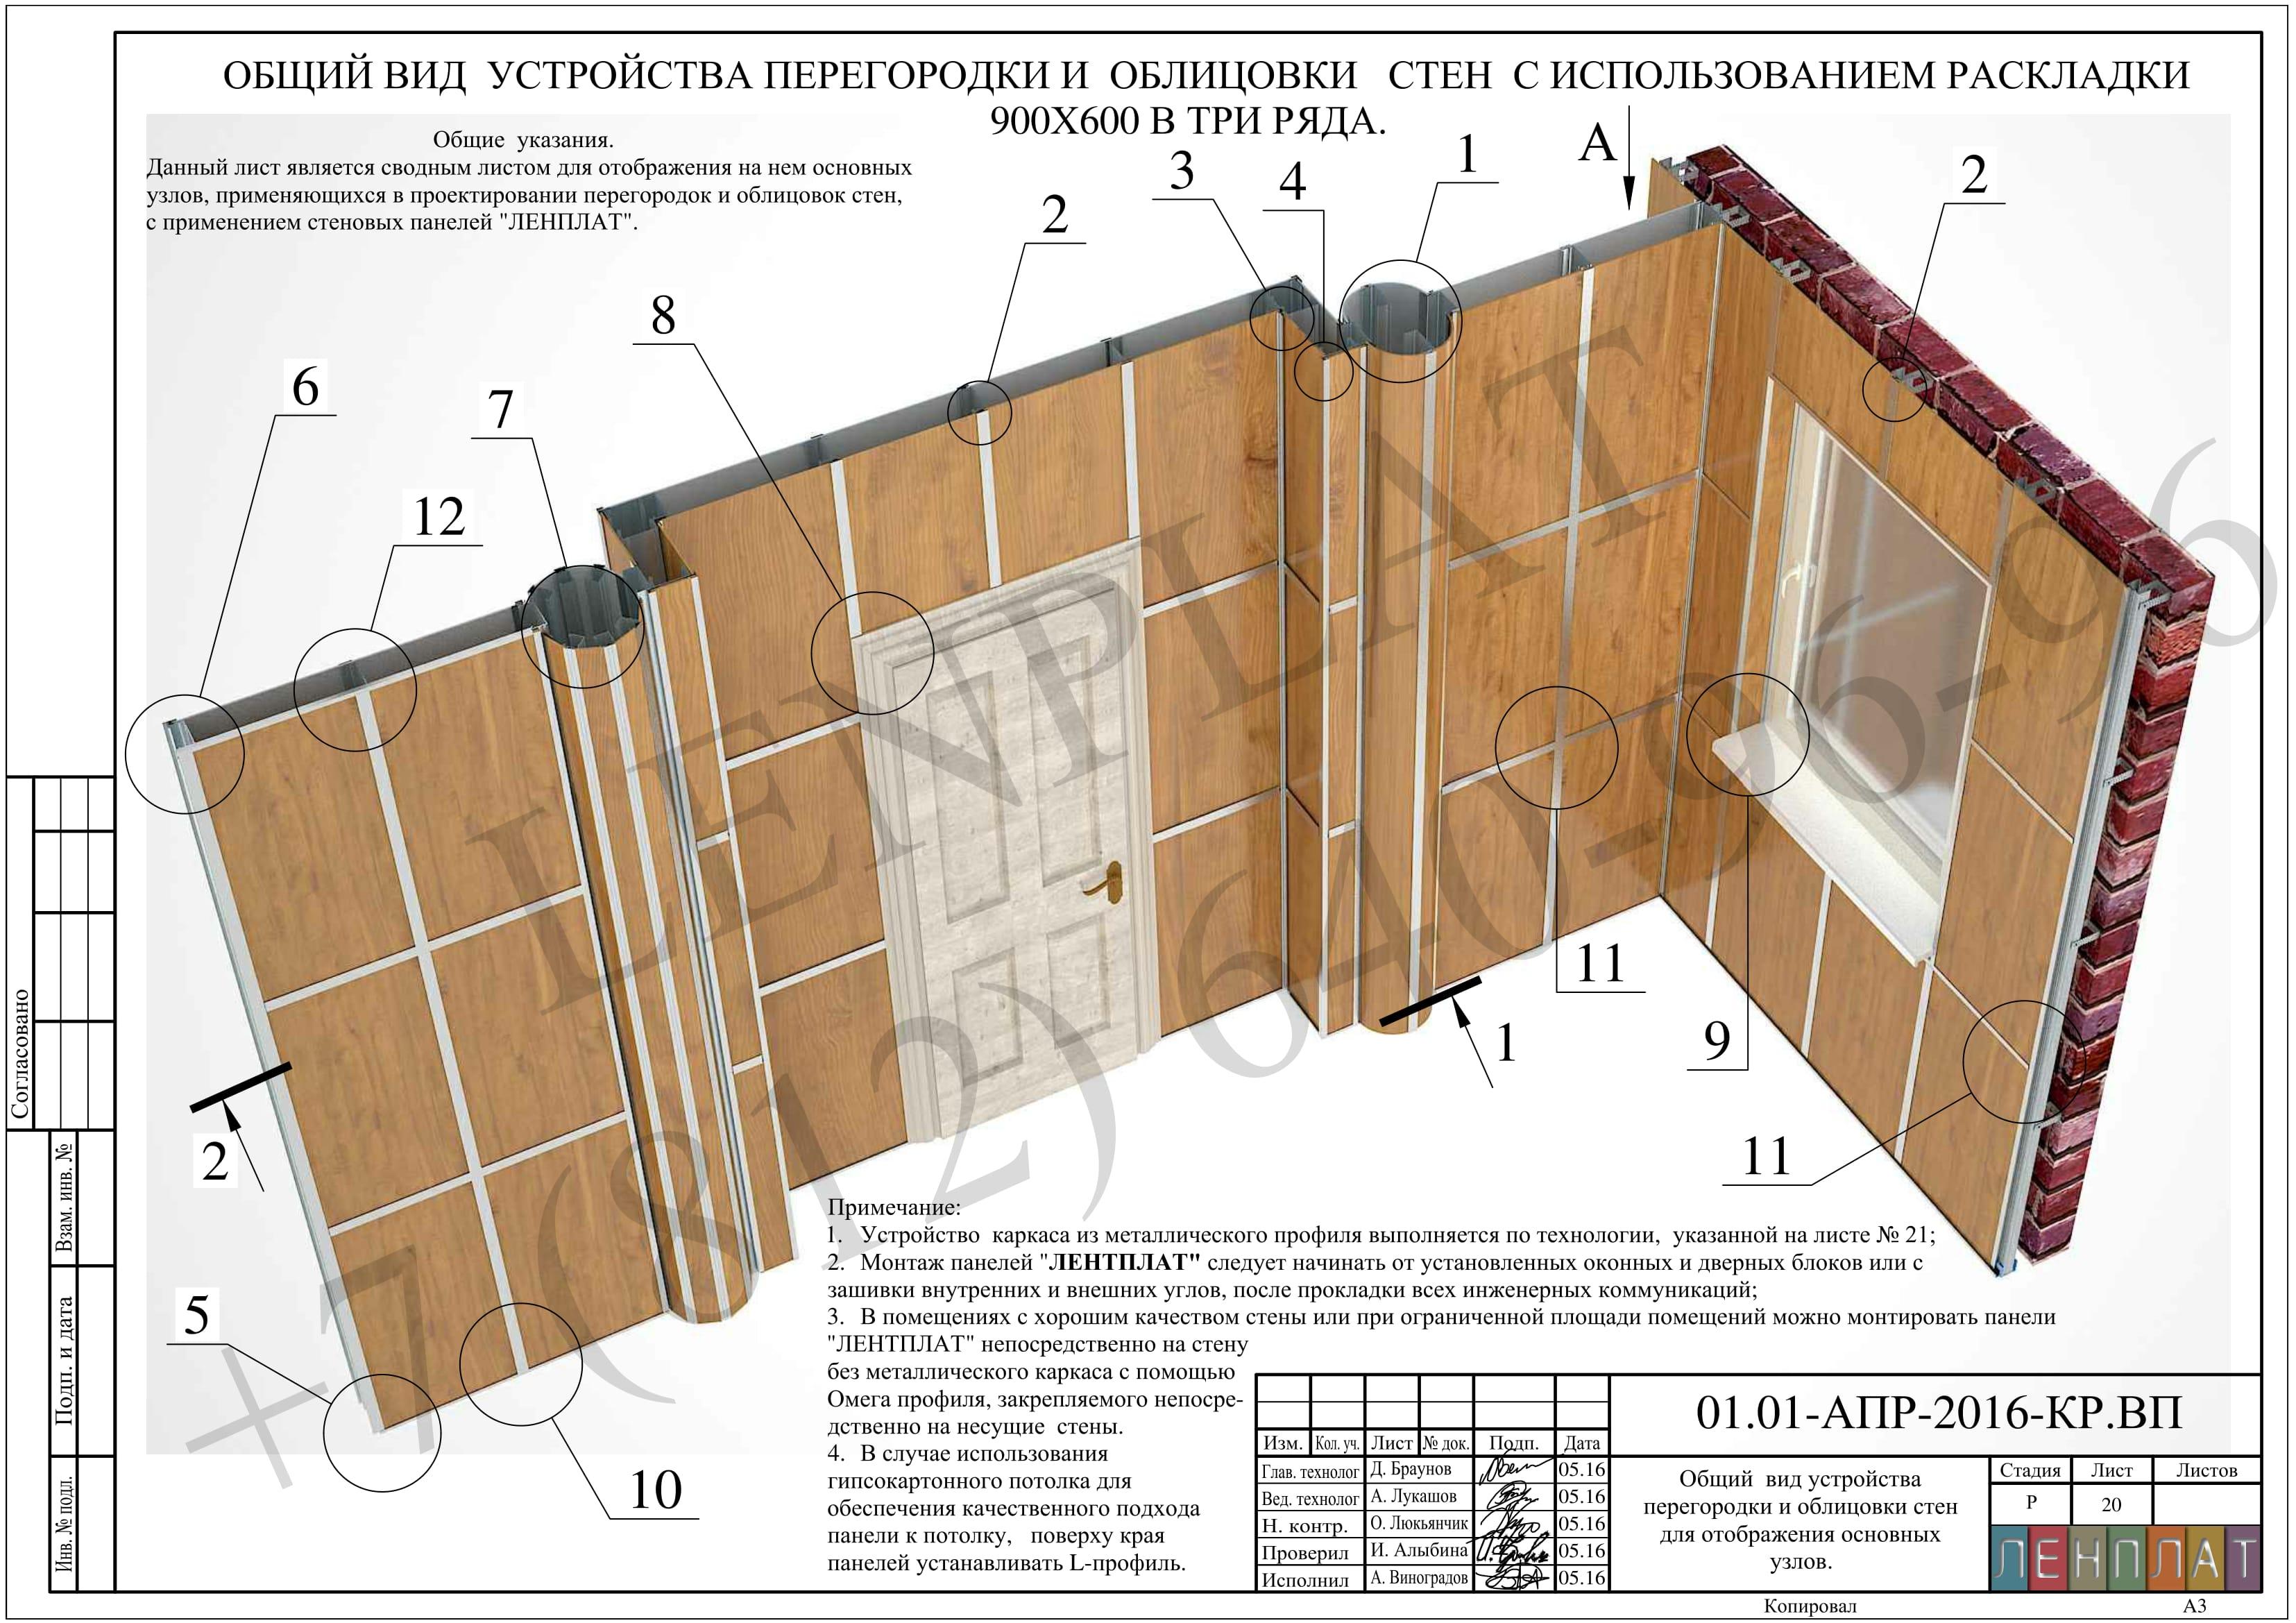 общий вид устройства перегородки и облицовки стен для отображения основных узлов